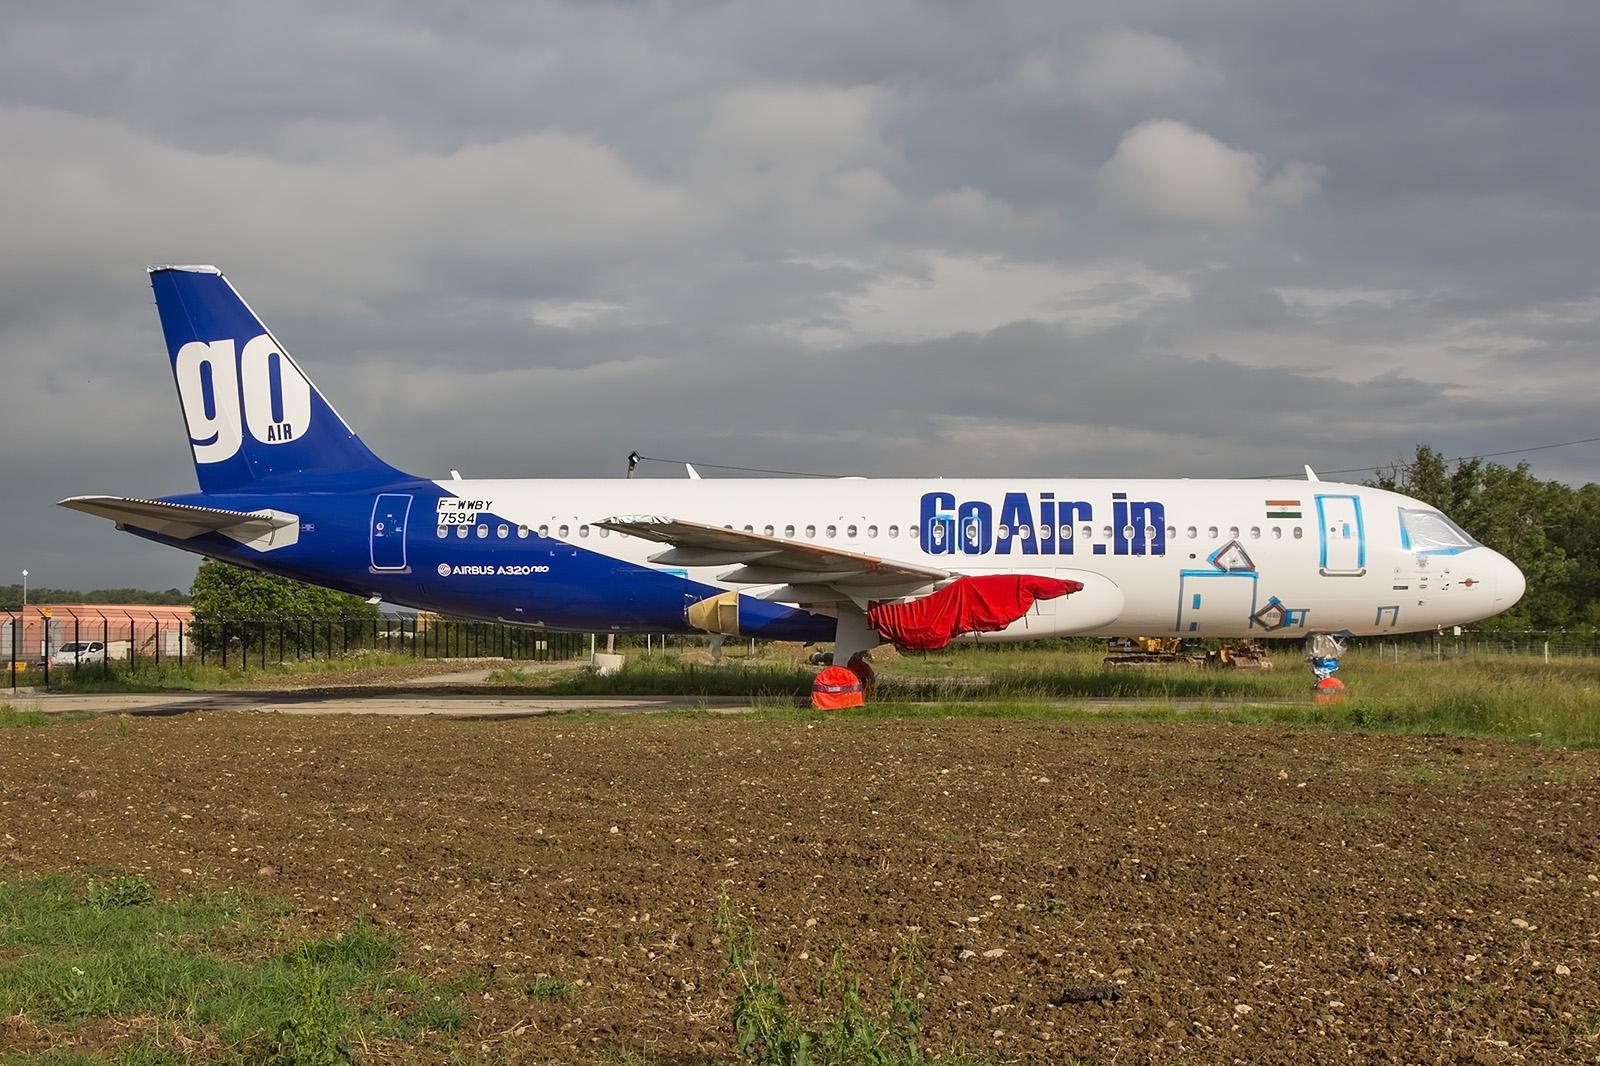 Eine der vielen halbfertigen A320NEO für Indien, die aufgrund der Triebwerksprobleme nicht abgenommen wurden.